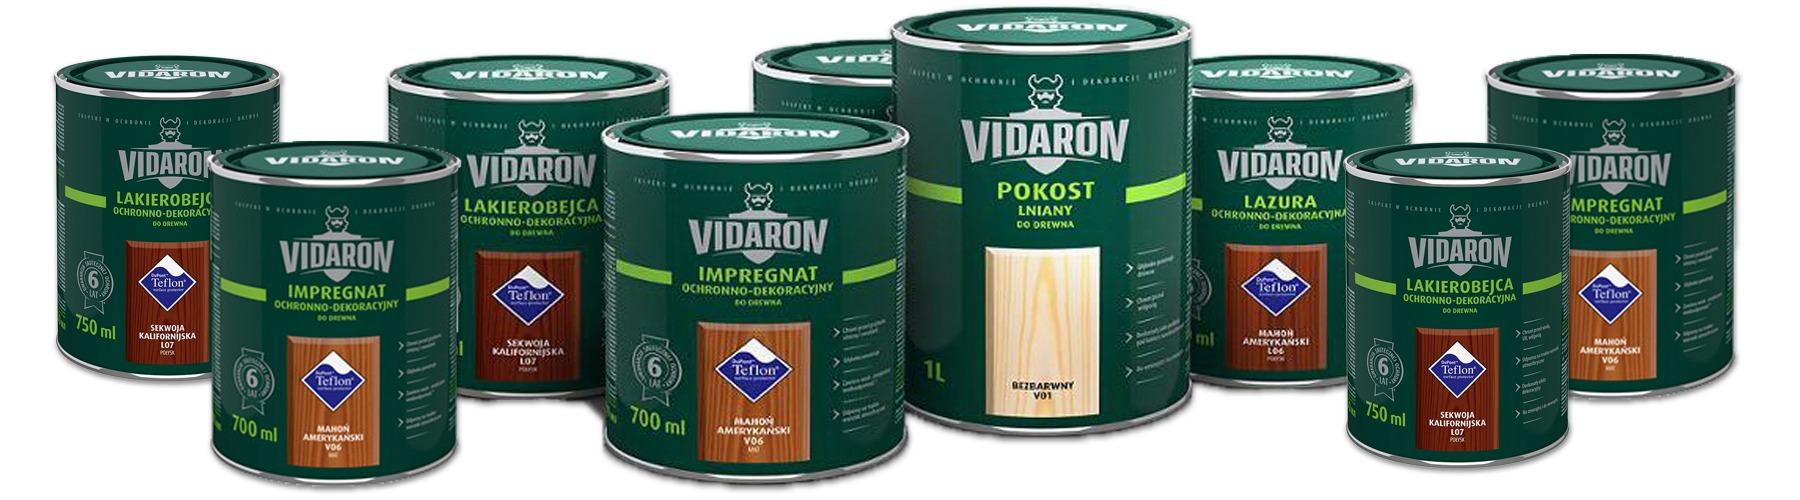 vidaron - ТМ VIDARON